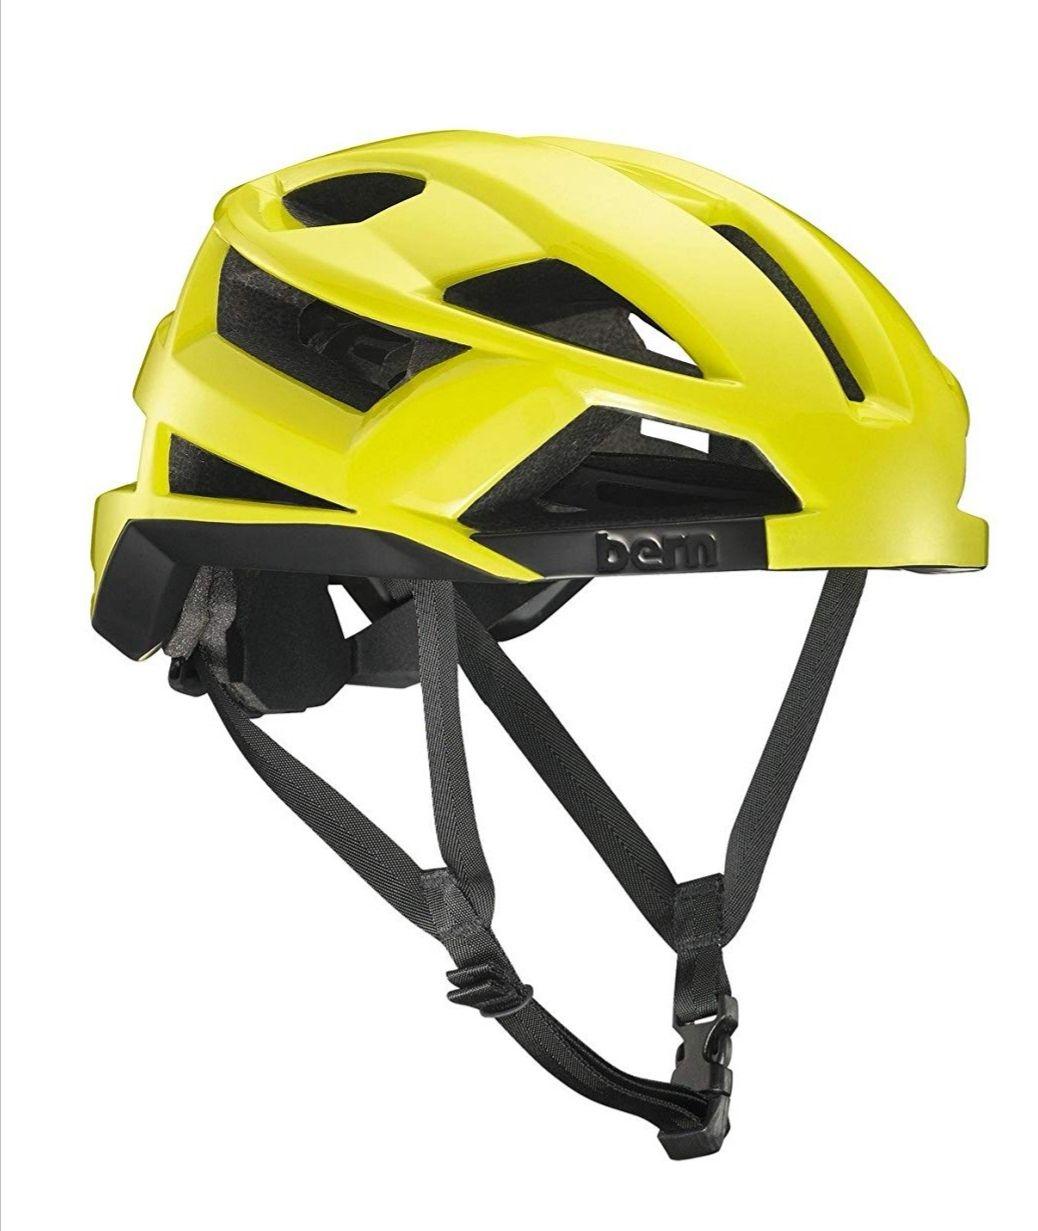 Bern FL-1Casco de ciclismo, Color Yellow Glossy, tamaño S. Solo Talla S